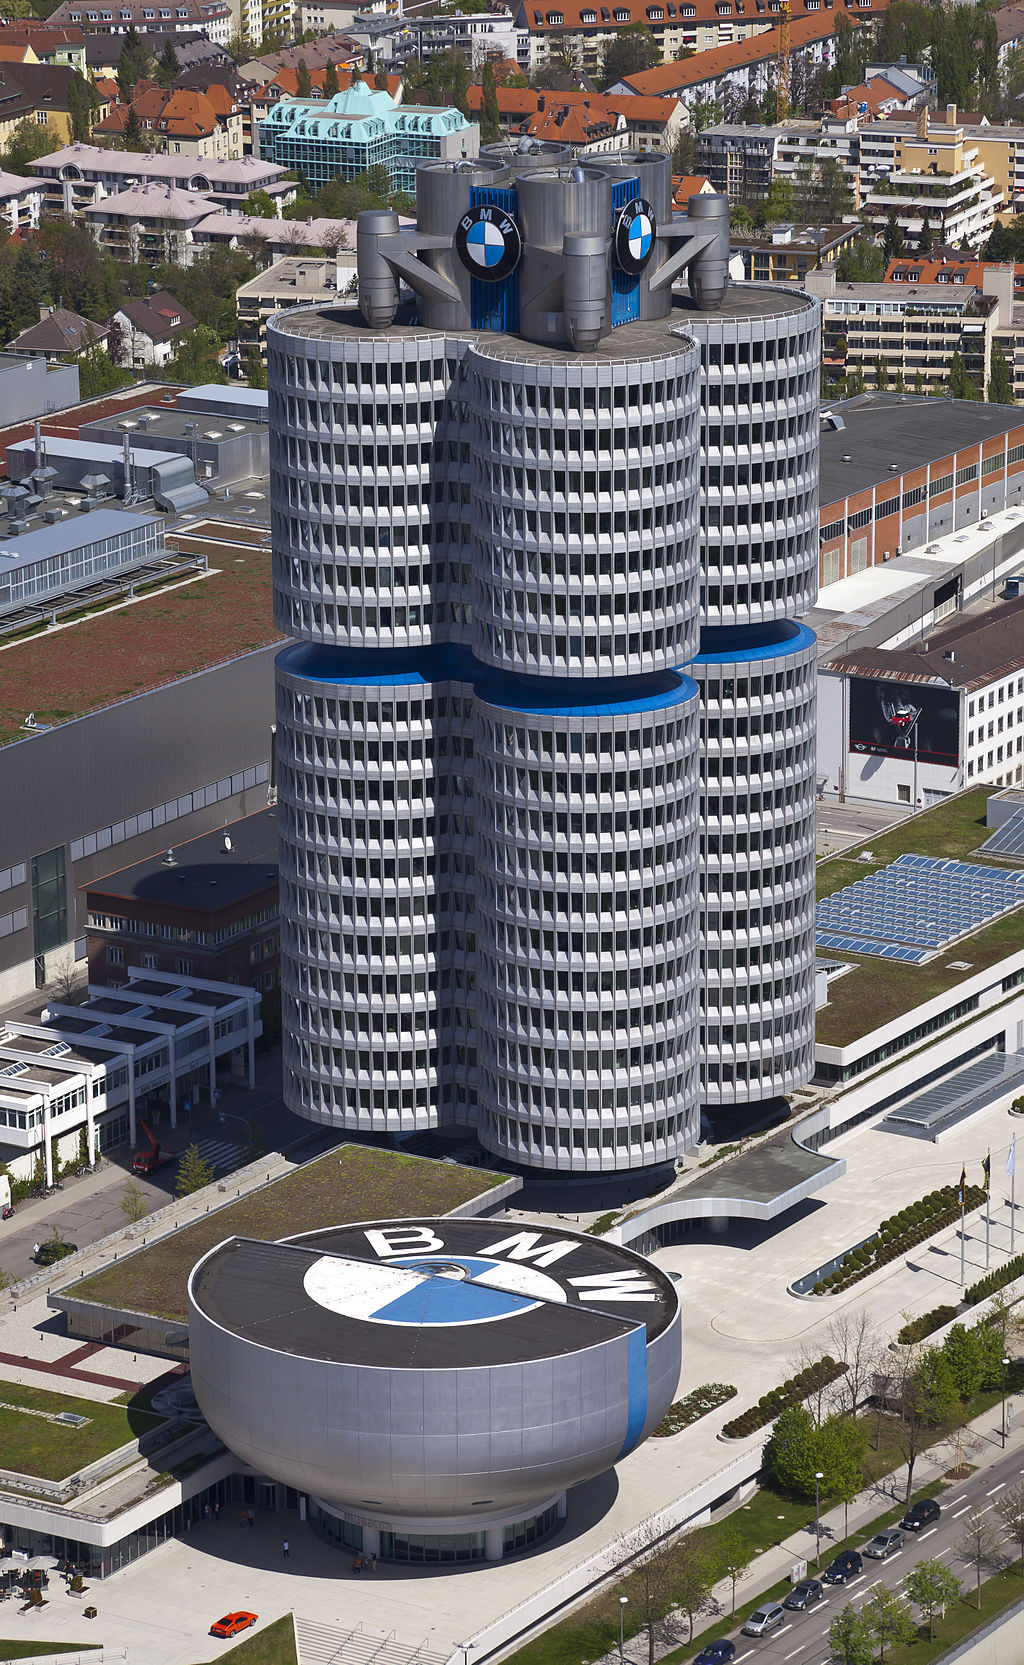 Siedziba BMW i muzeum | Diego Delso [CC BY-SA 3.0], via Wikimedia Commons